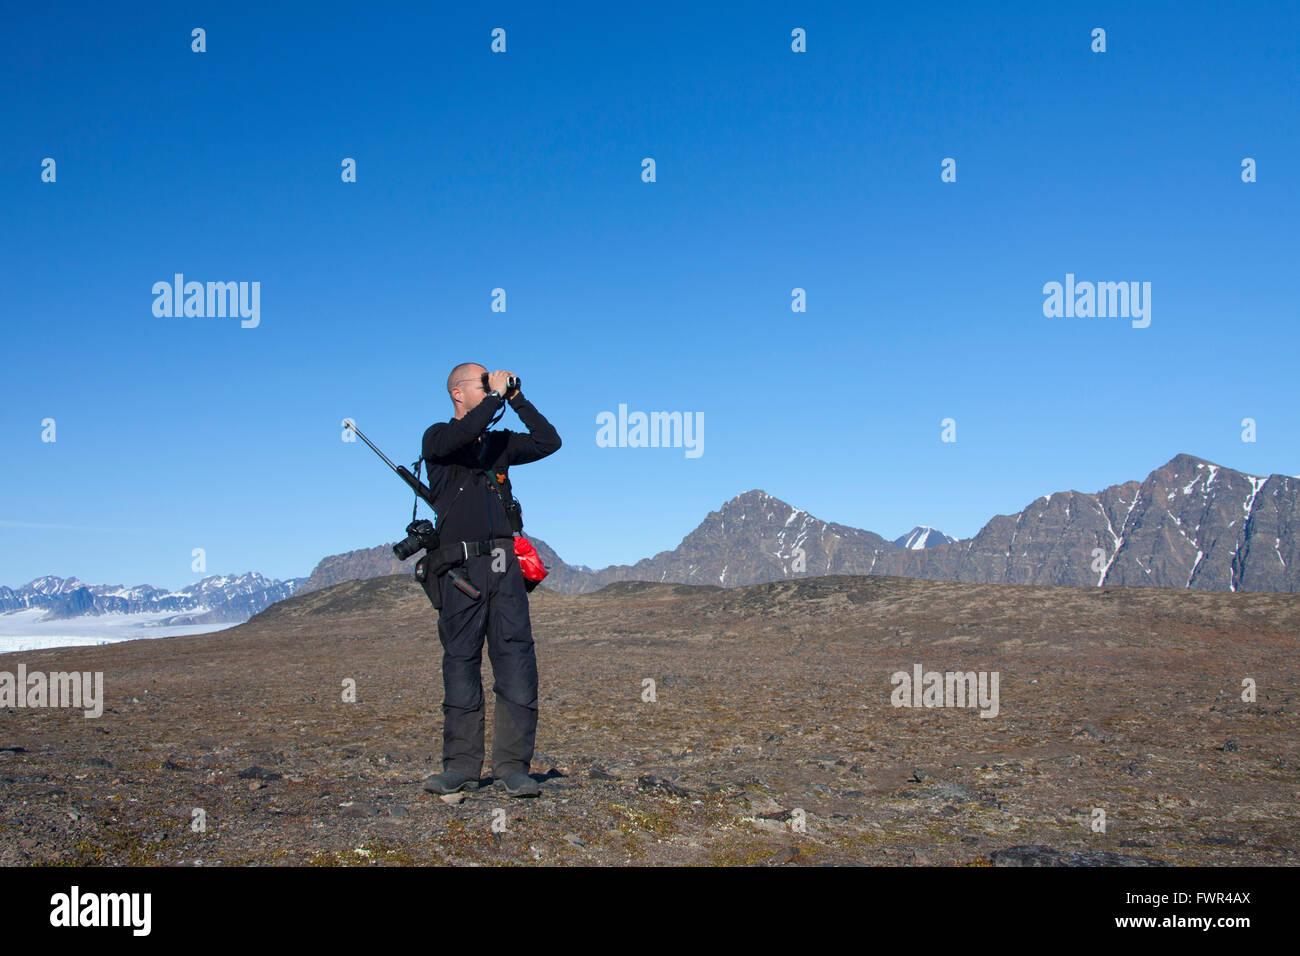 Eisbär-Wache, bewaffnet mit Gewehr auf der Suche nach Eisbären durch ein Fernglas, Spitzbergen, Norwegen Stockbild